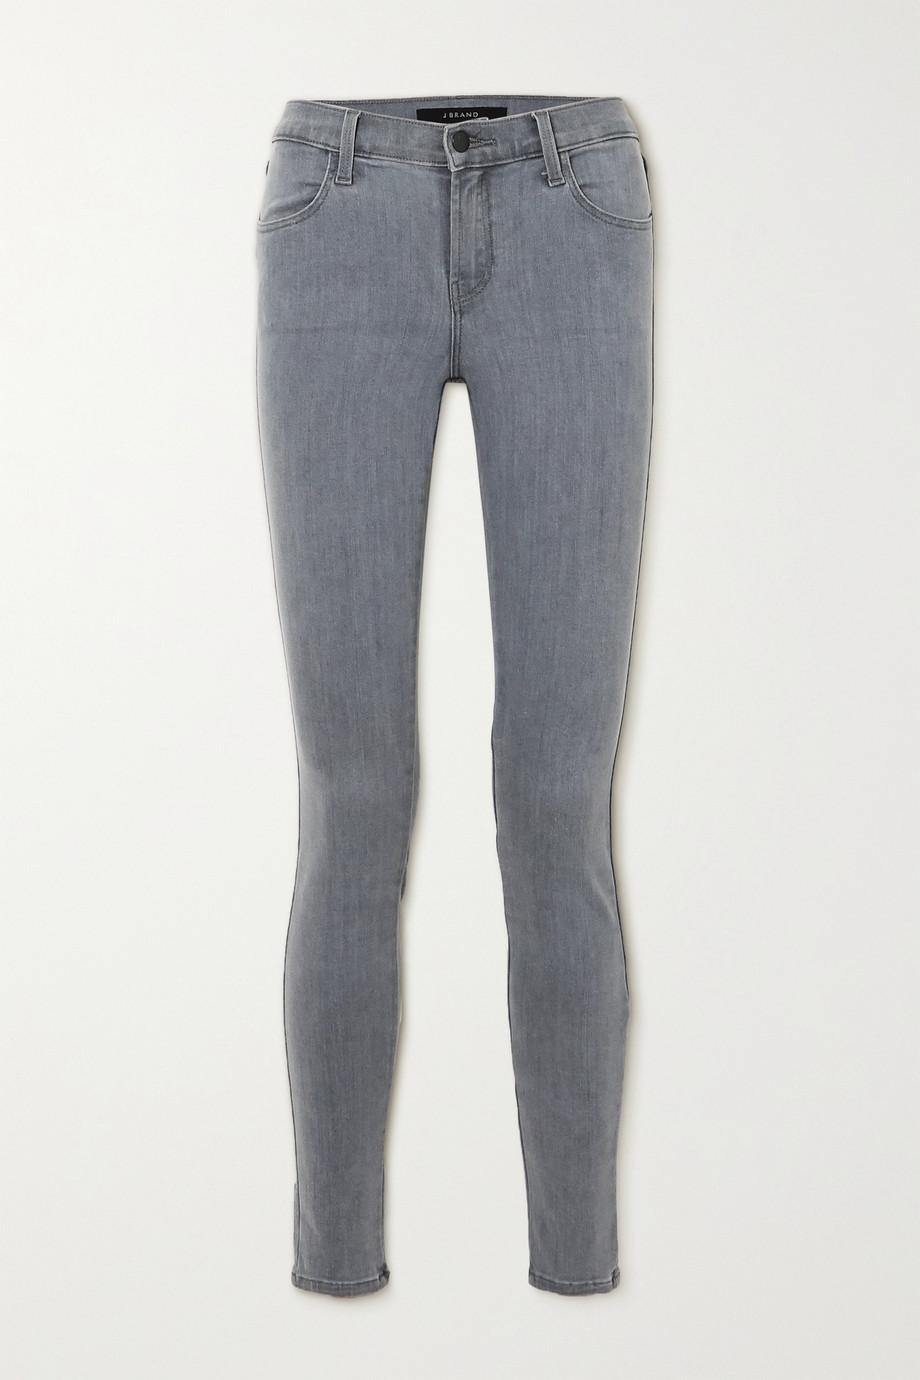 J Brand Sophia verkürzte, halbhohe Skinny Jeans